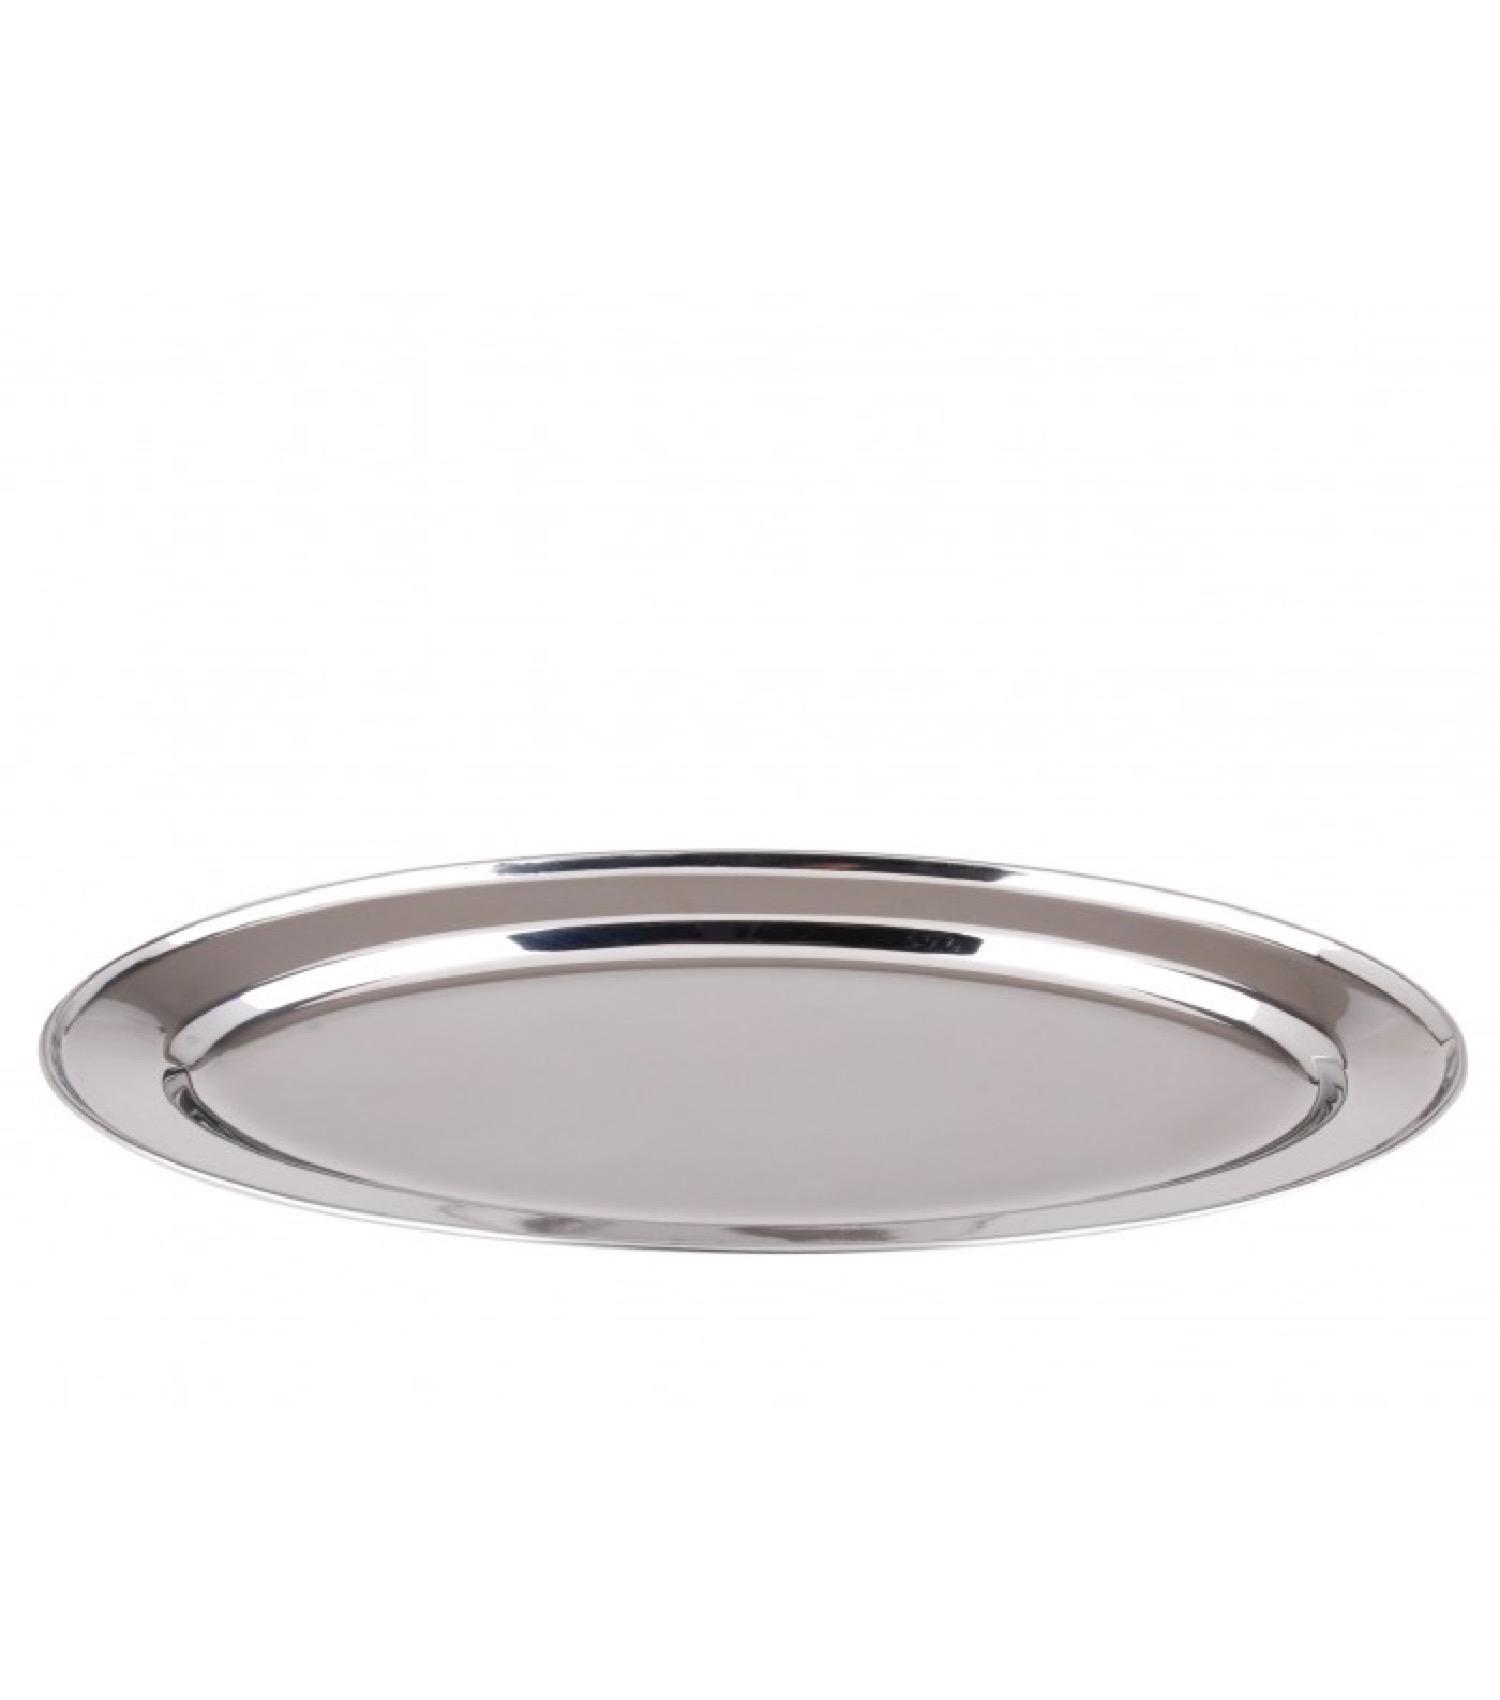 Plat de service ovale en inox L30cm